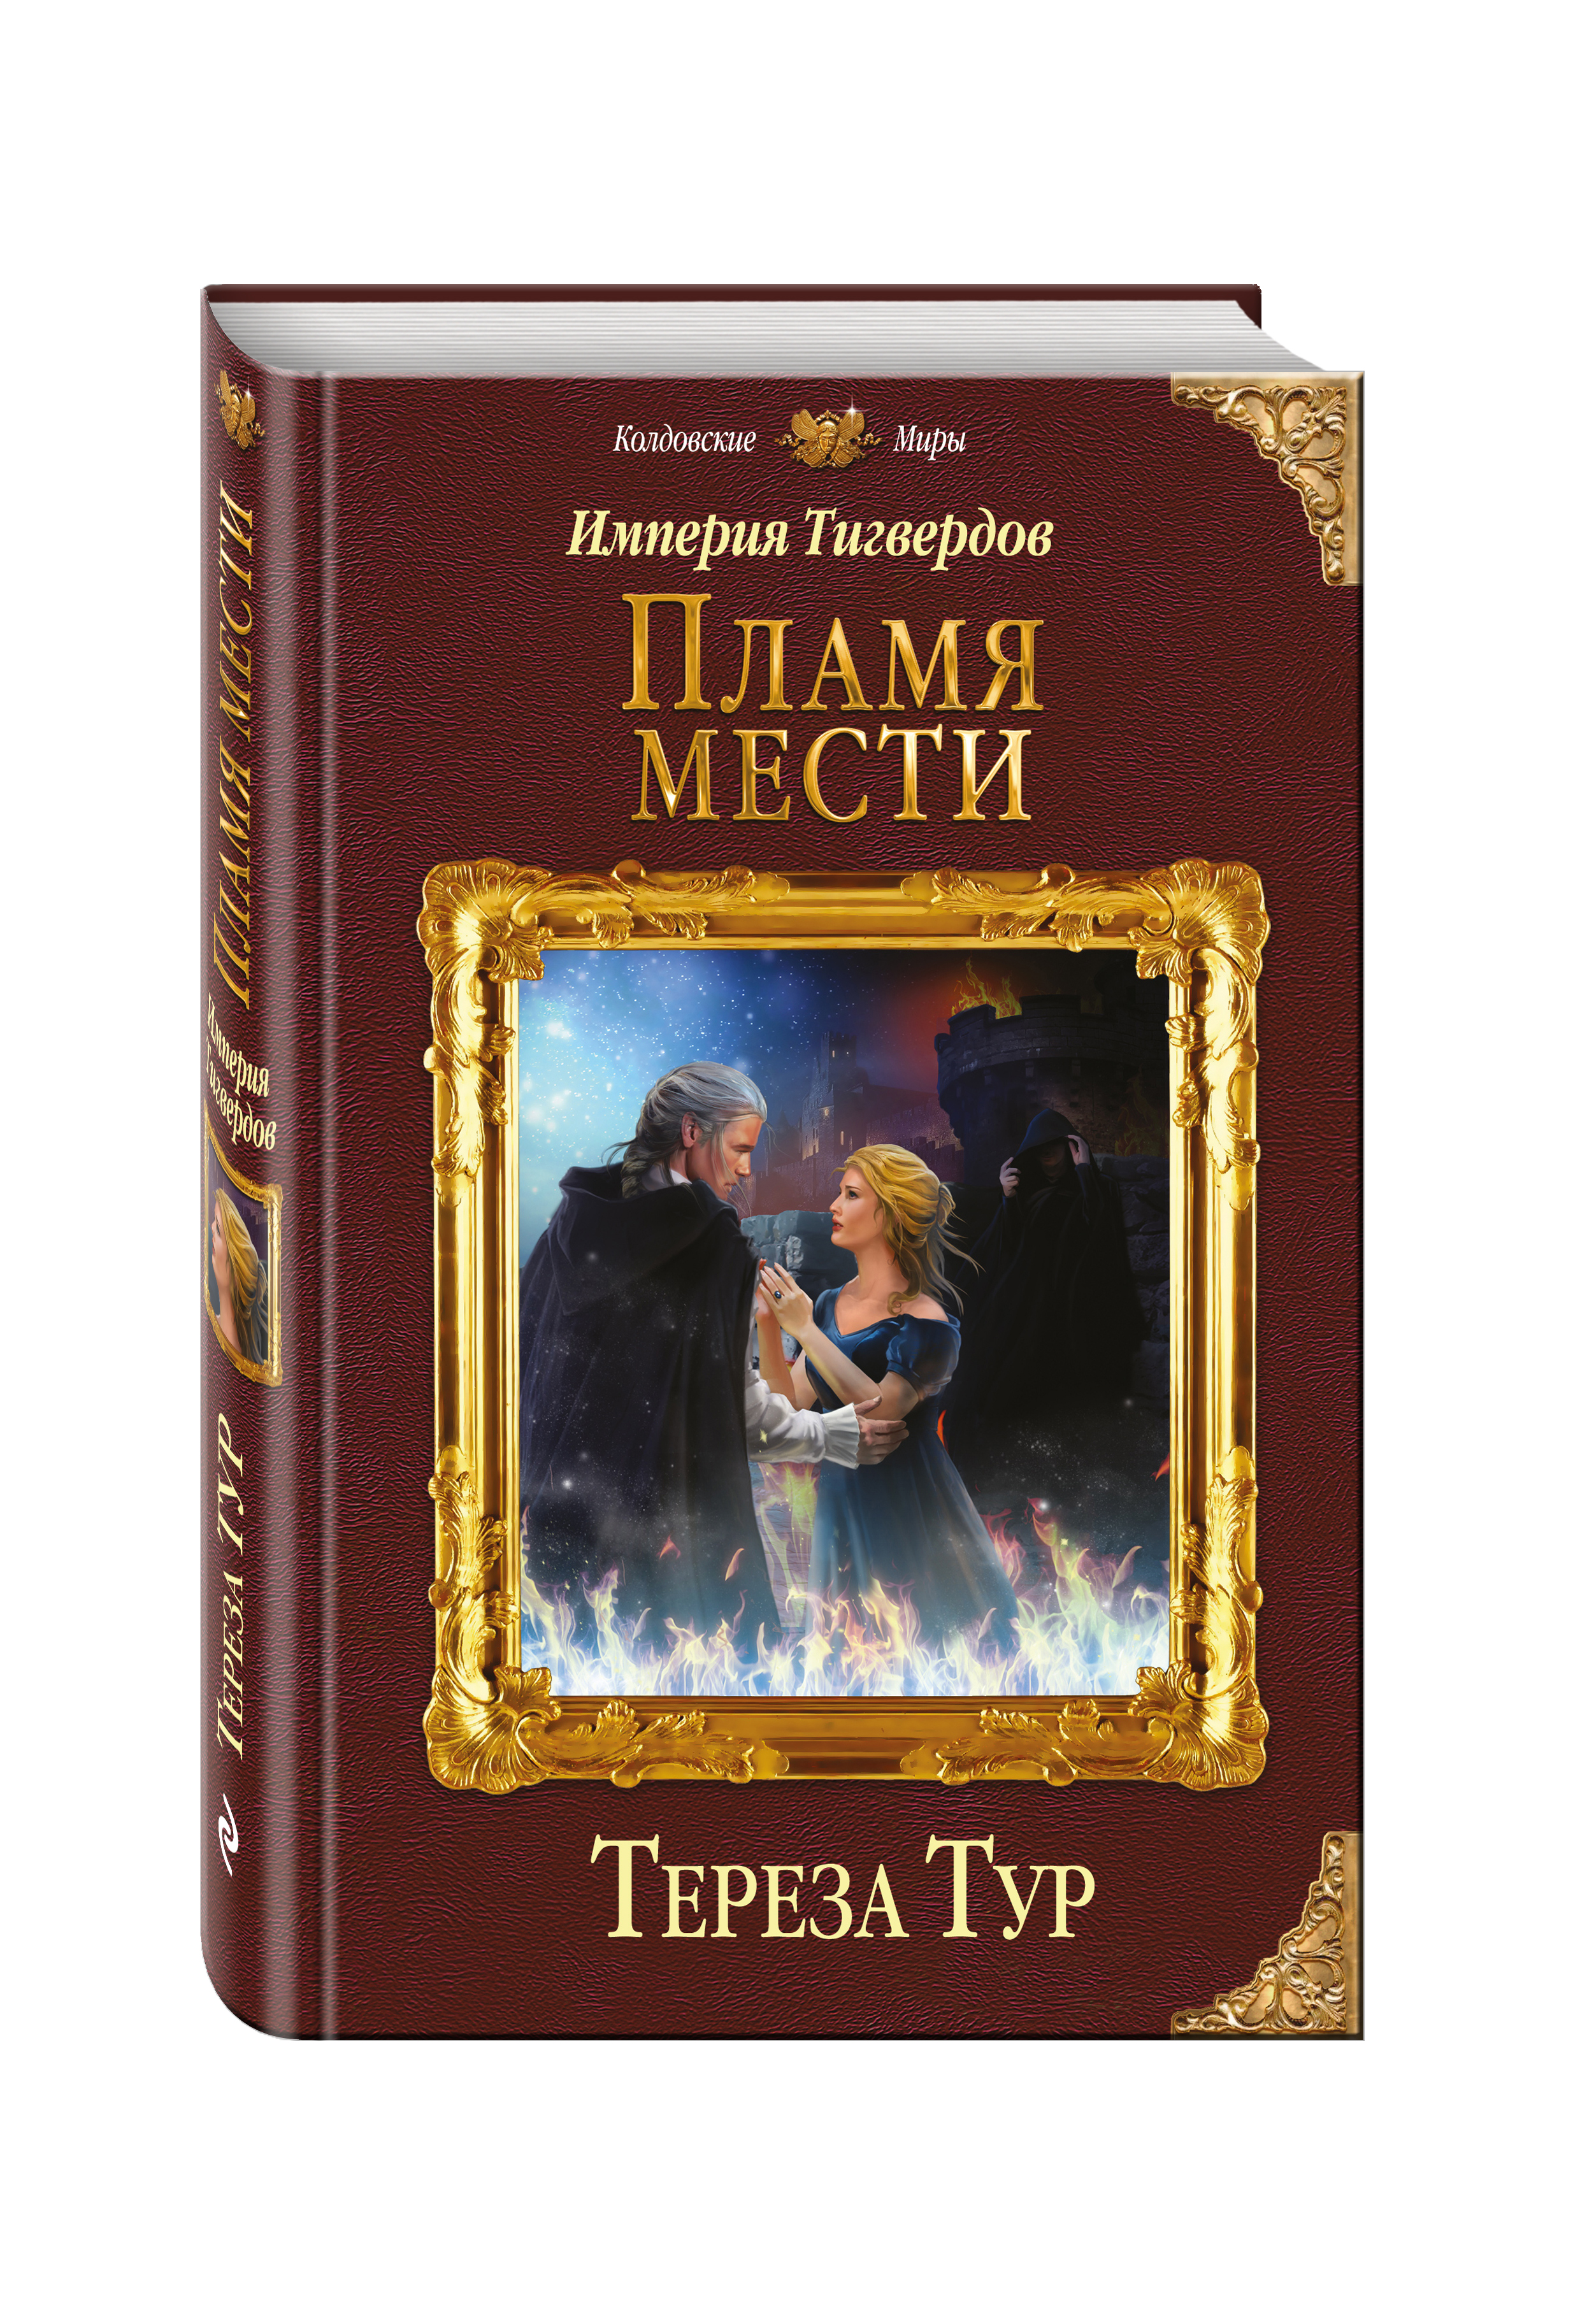 Тур Т. Империя Тигвердов. Пламя мести